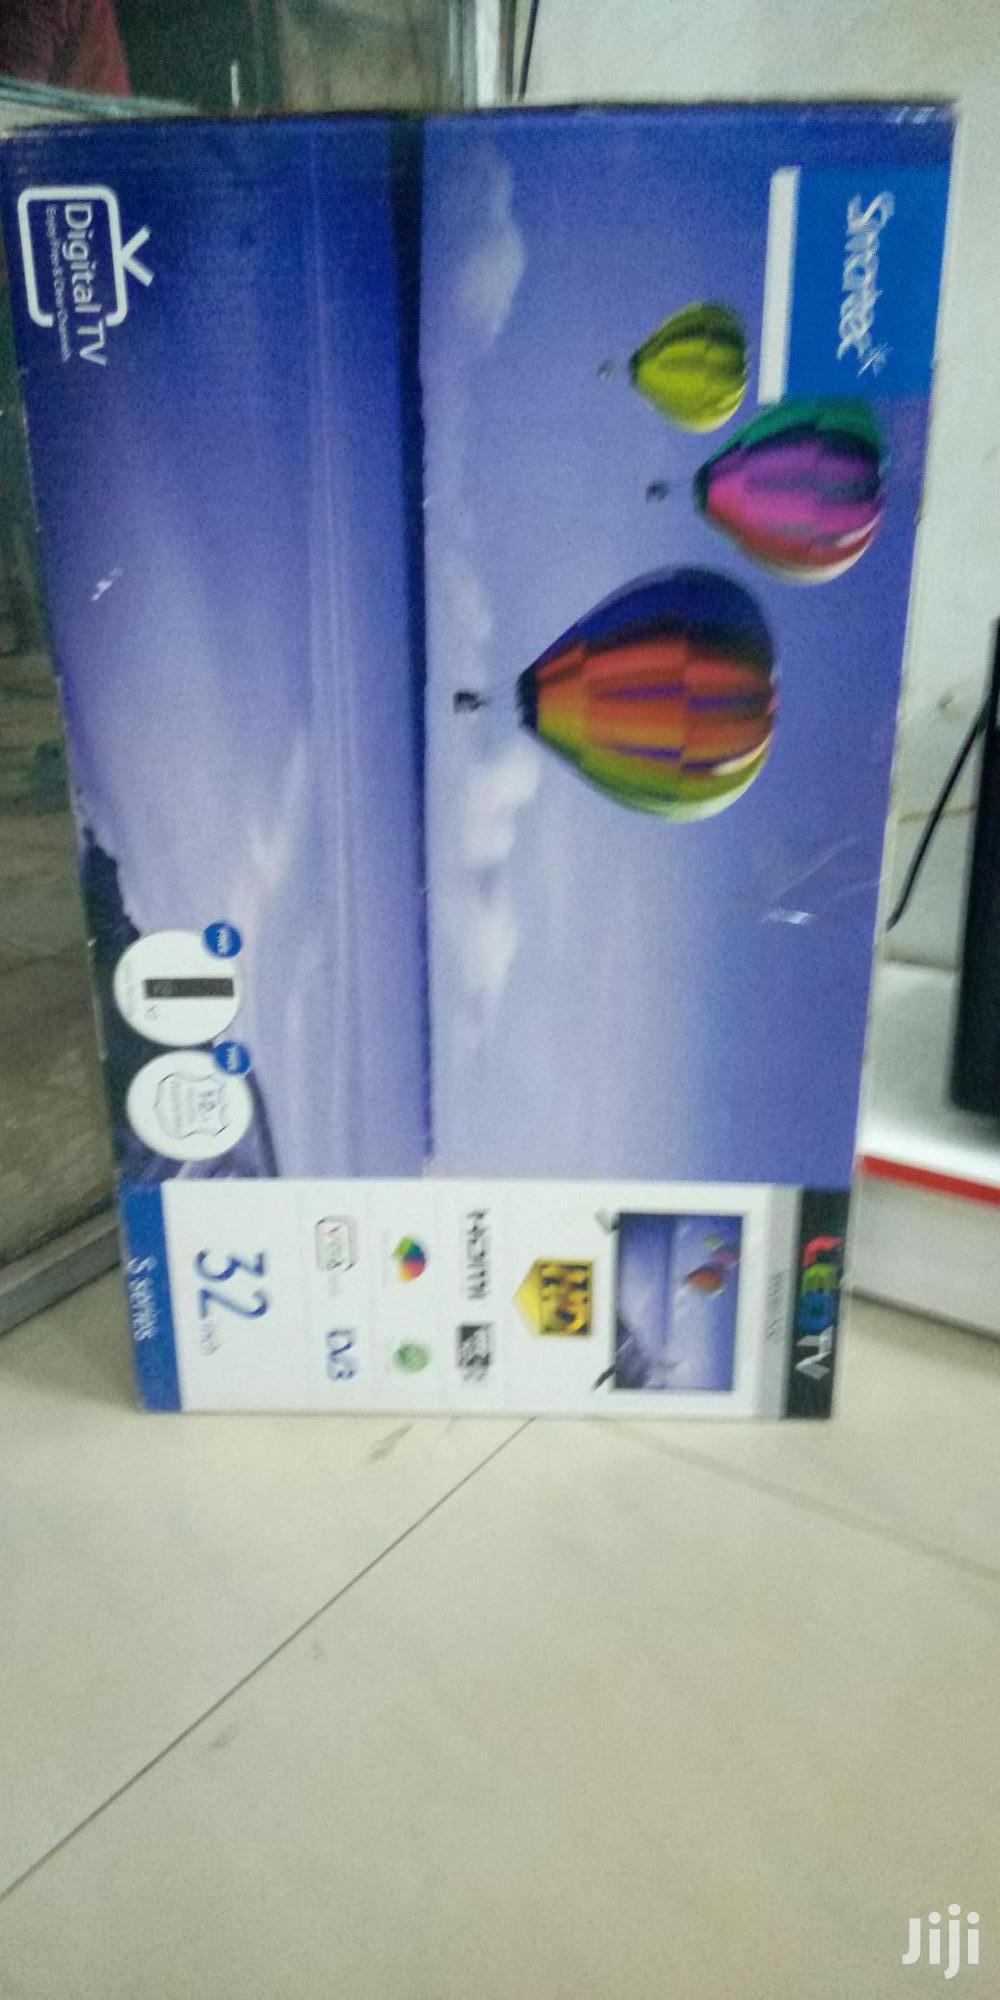 Smartec Flat Screen Digital Tv 32 Inches